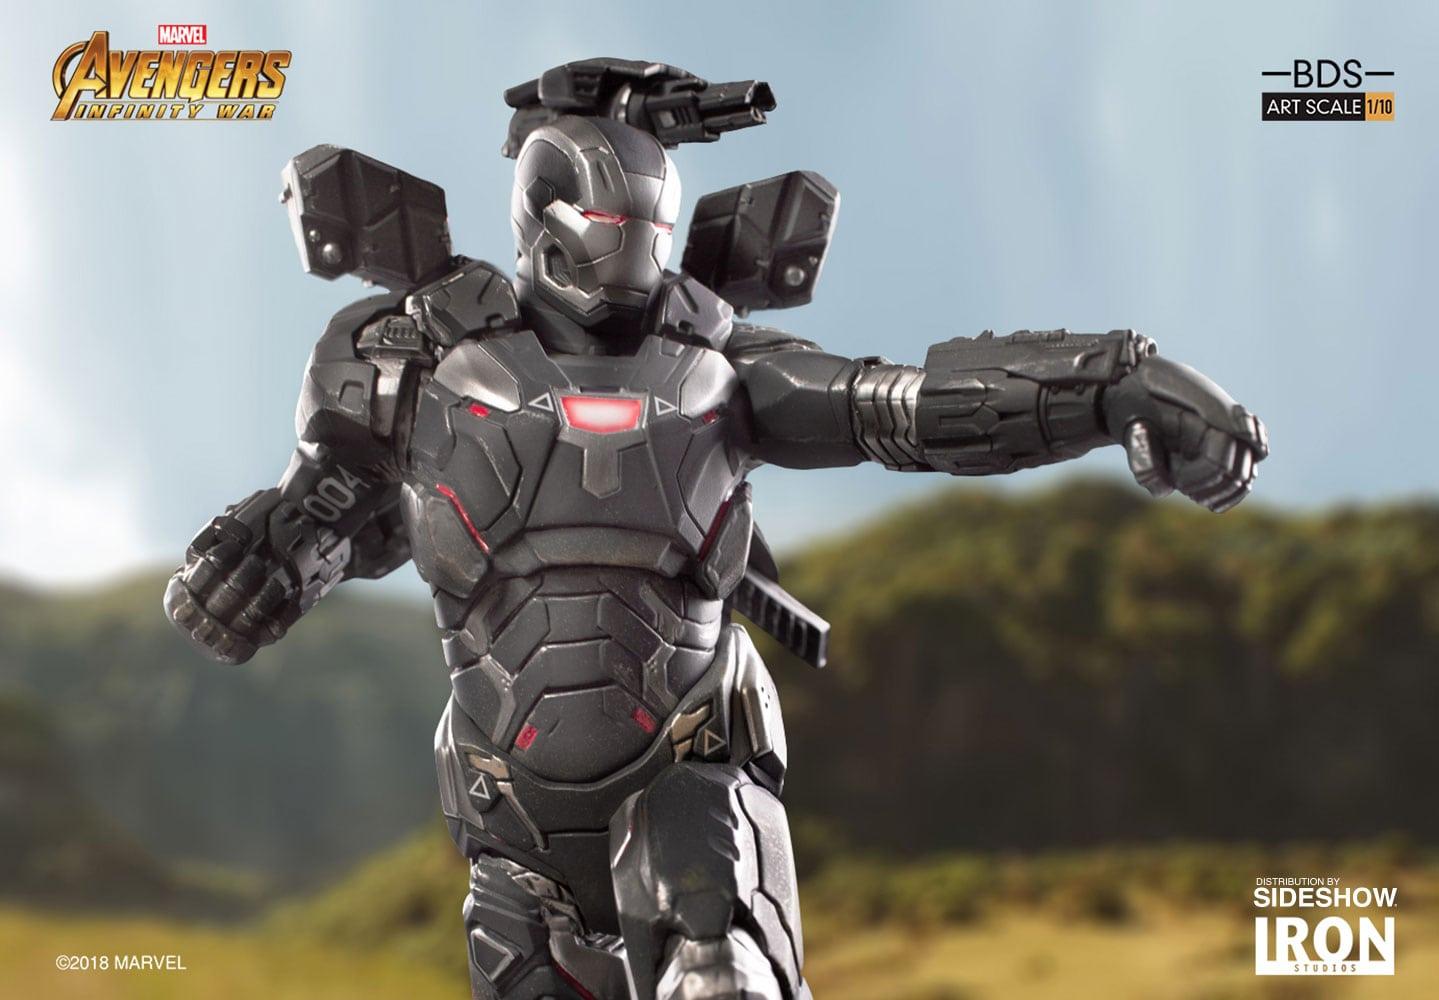 Se revela la estatua de diorama de War Machine Avengers: Infinity War Battle Diorama